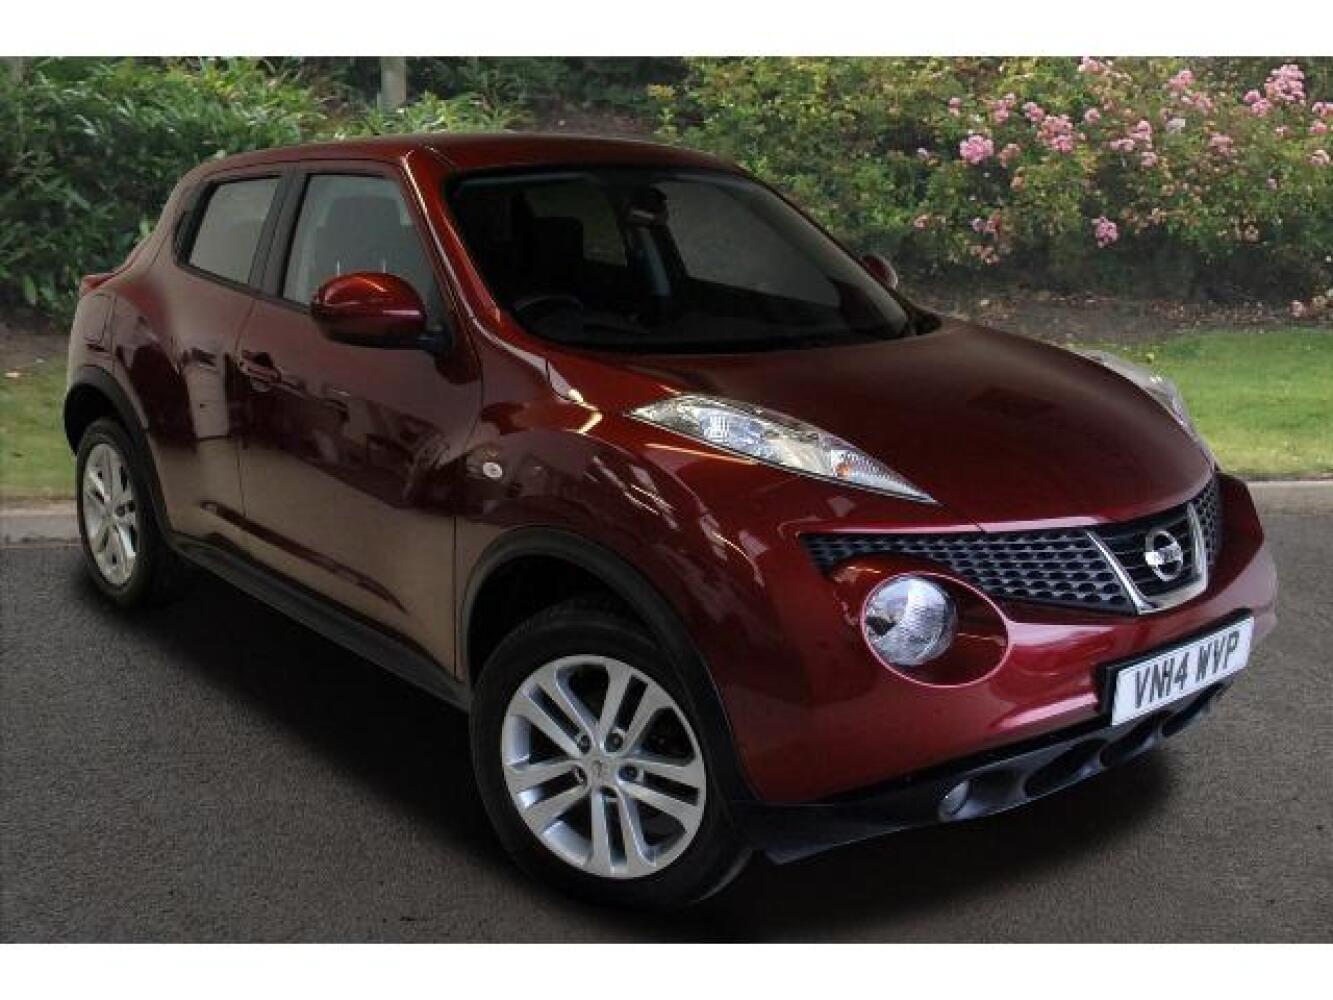 used nissan juke 1 6 acenta 5dr petrol hatchback for sale newcastle infiniti. Black Bedroom Furniture Sets. Home Design Ideas